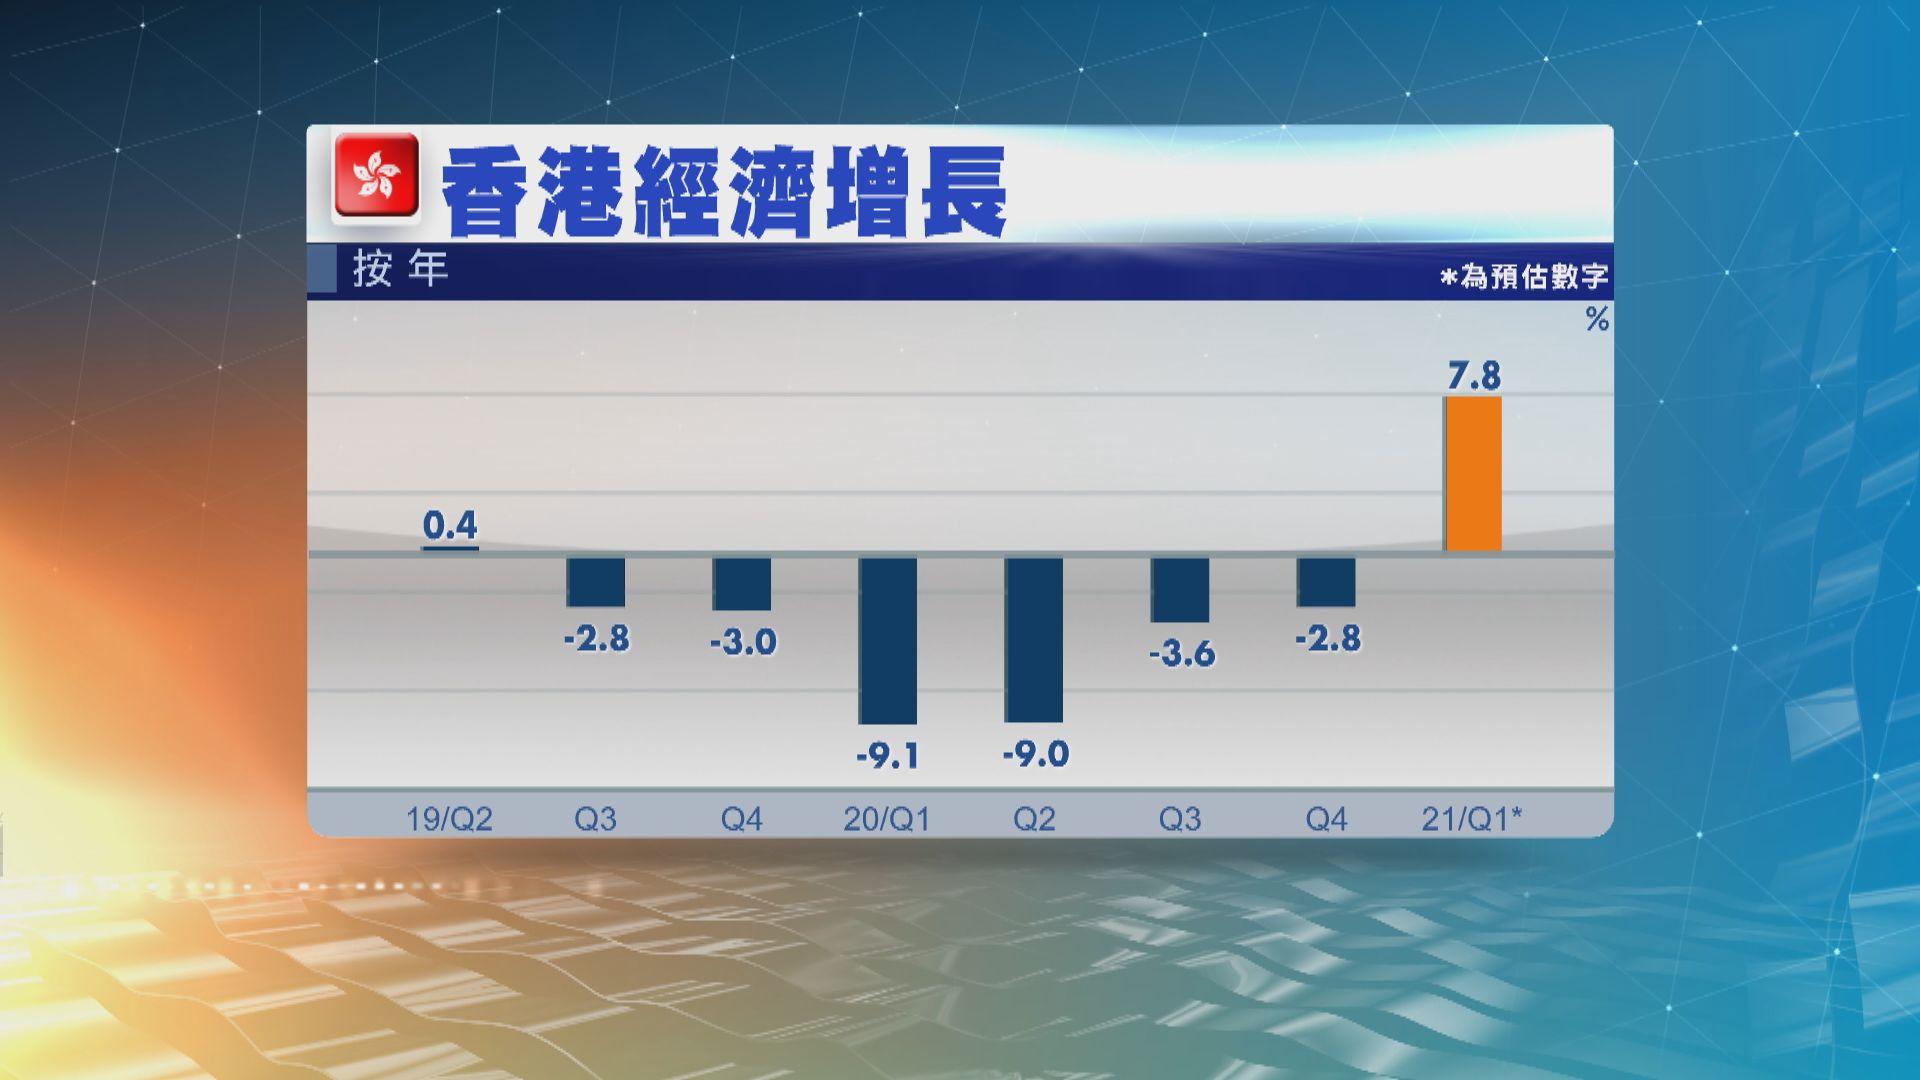 本港首季經濟增長7.8% 連續6季收縮後首次正增長